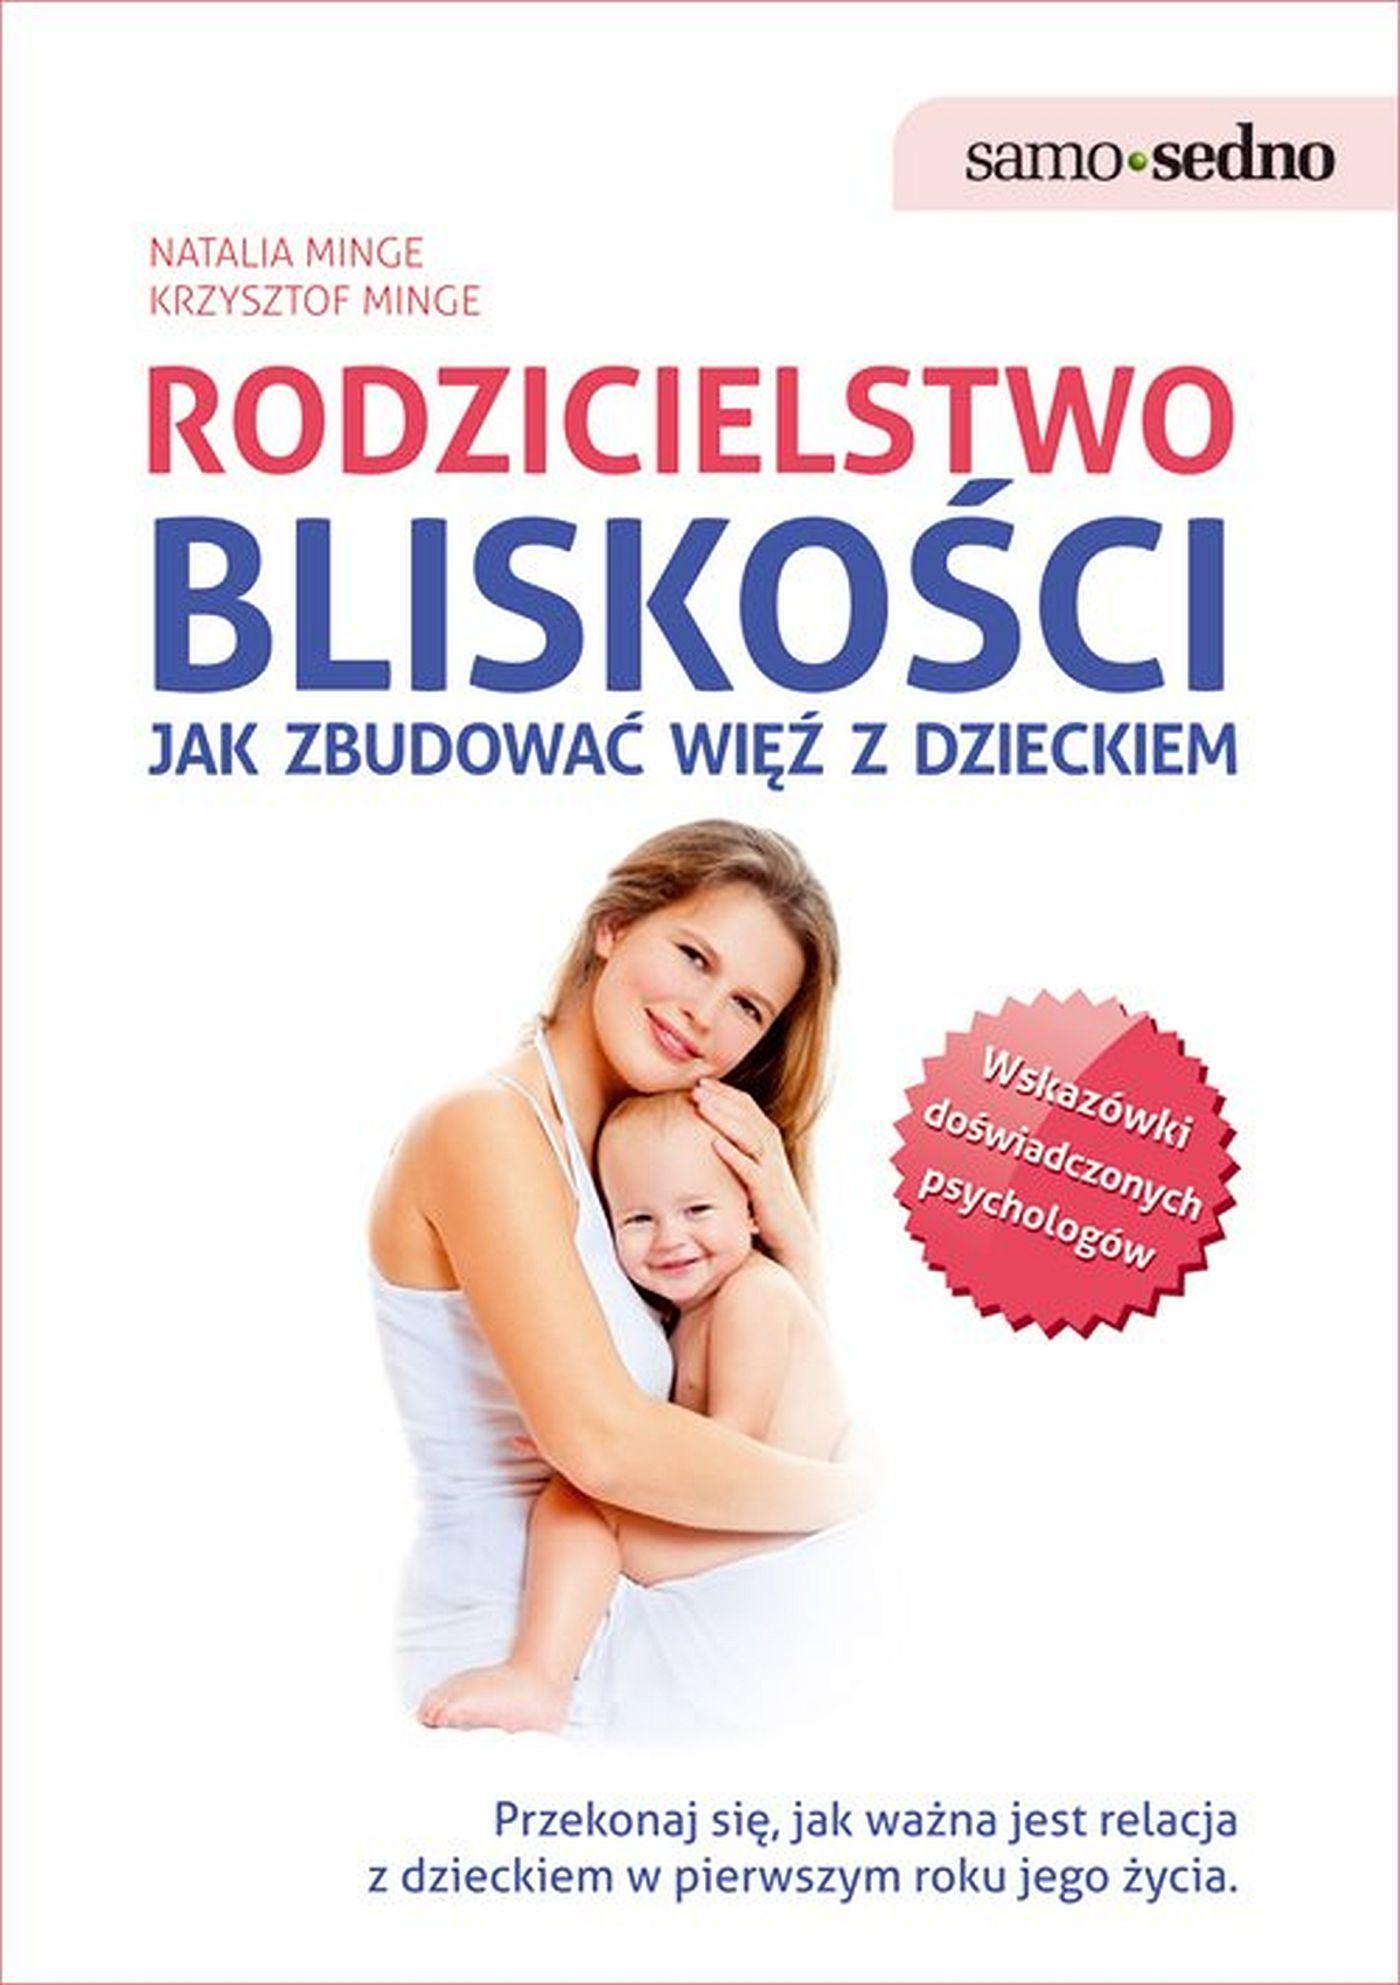 Samo Sedno - Rodzicielstwo bliskości. Jak zbudować więź z dzieckiem - Ebook (Książka EPUB) do pobrania w formacie EPUB